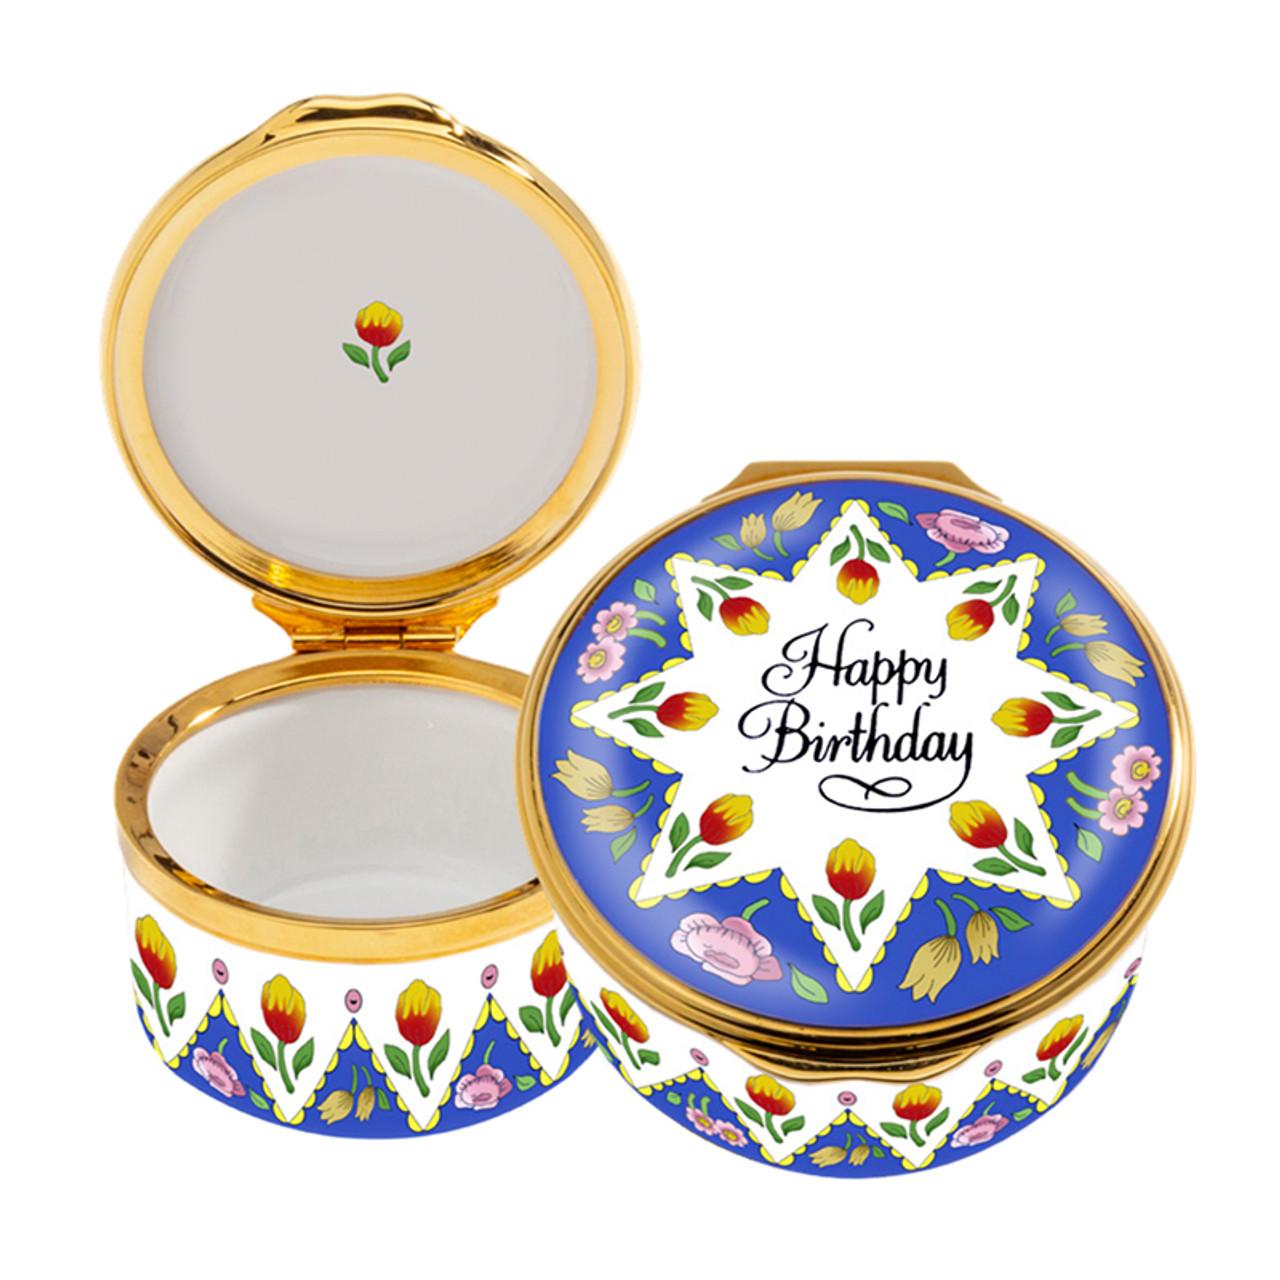 Halcyon Days Happy Birthday Box ENHPB0101G